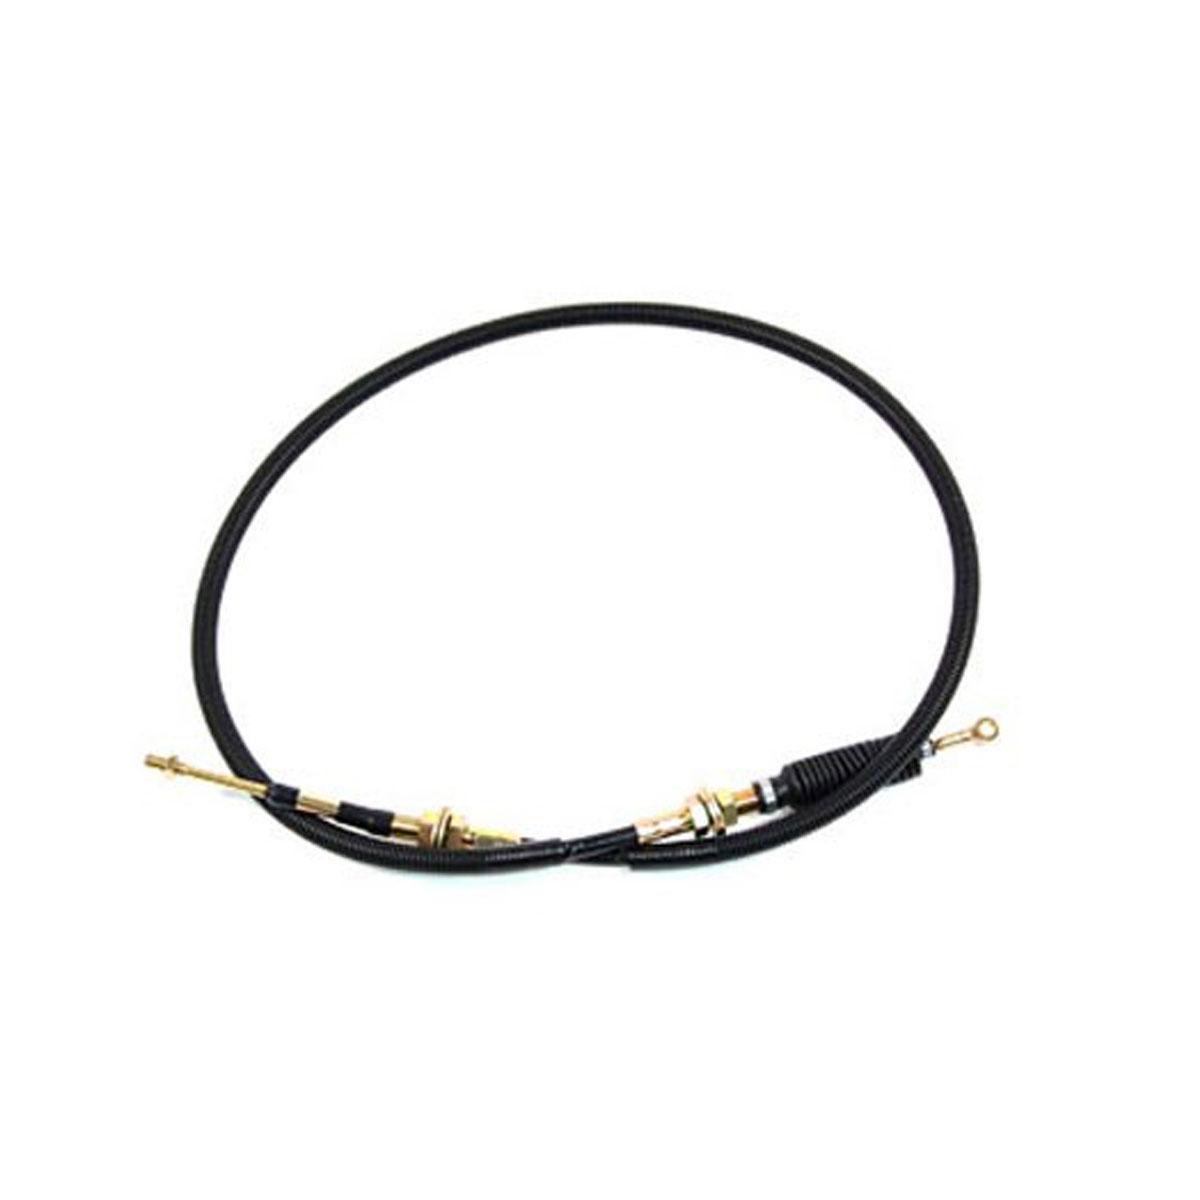 Cub Cadet Control Cable Ma